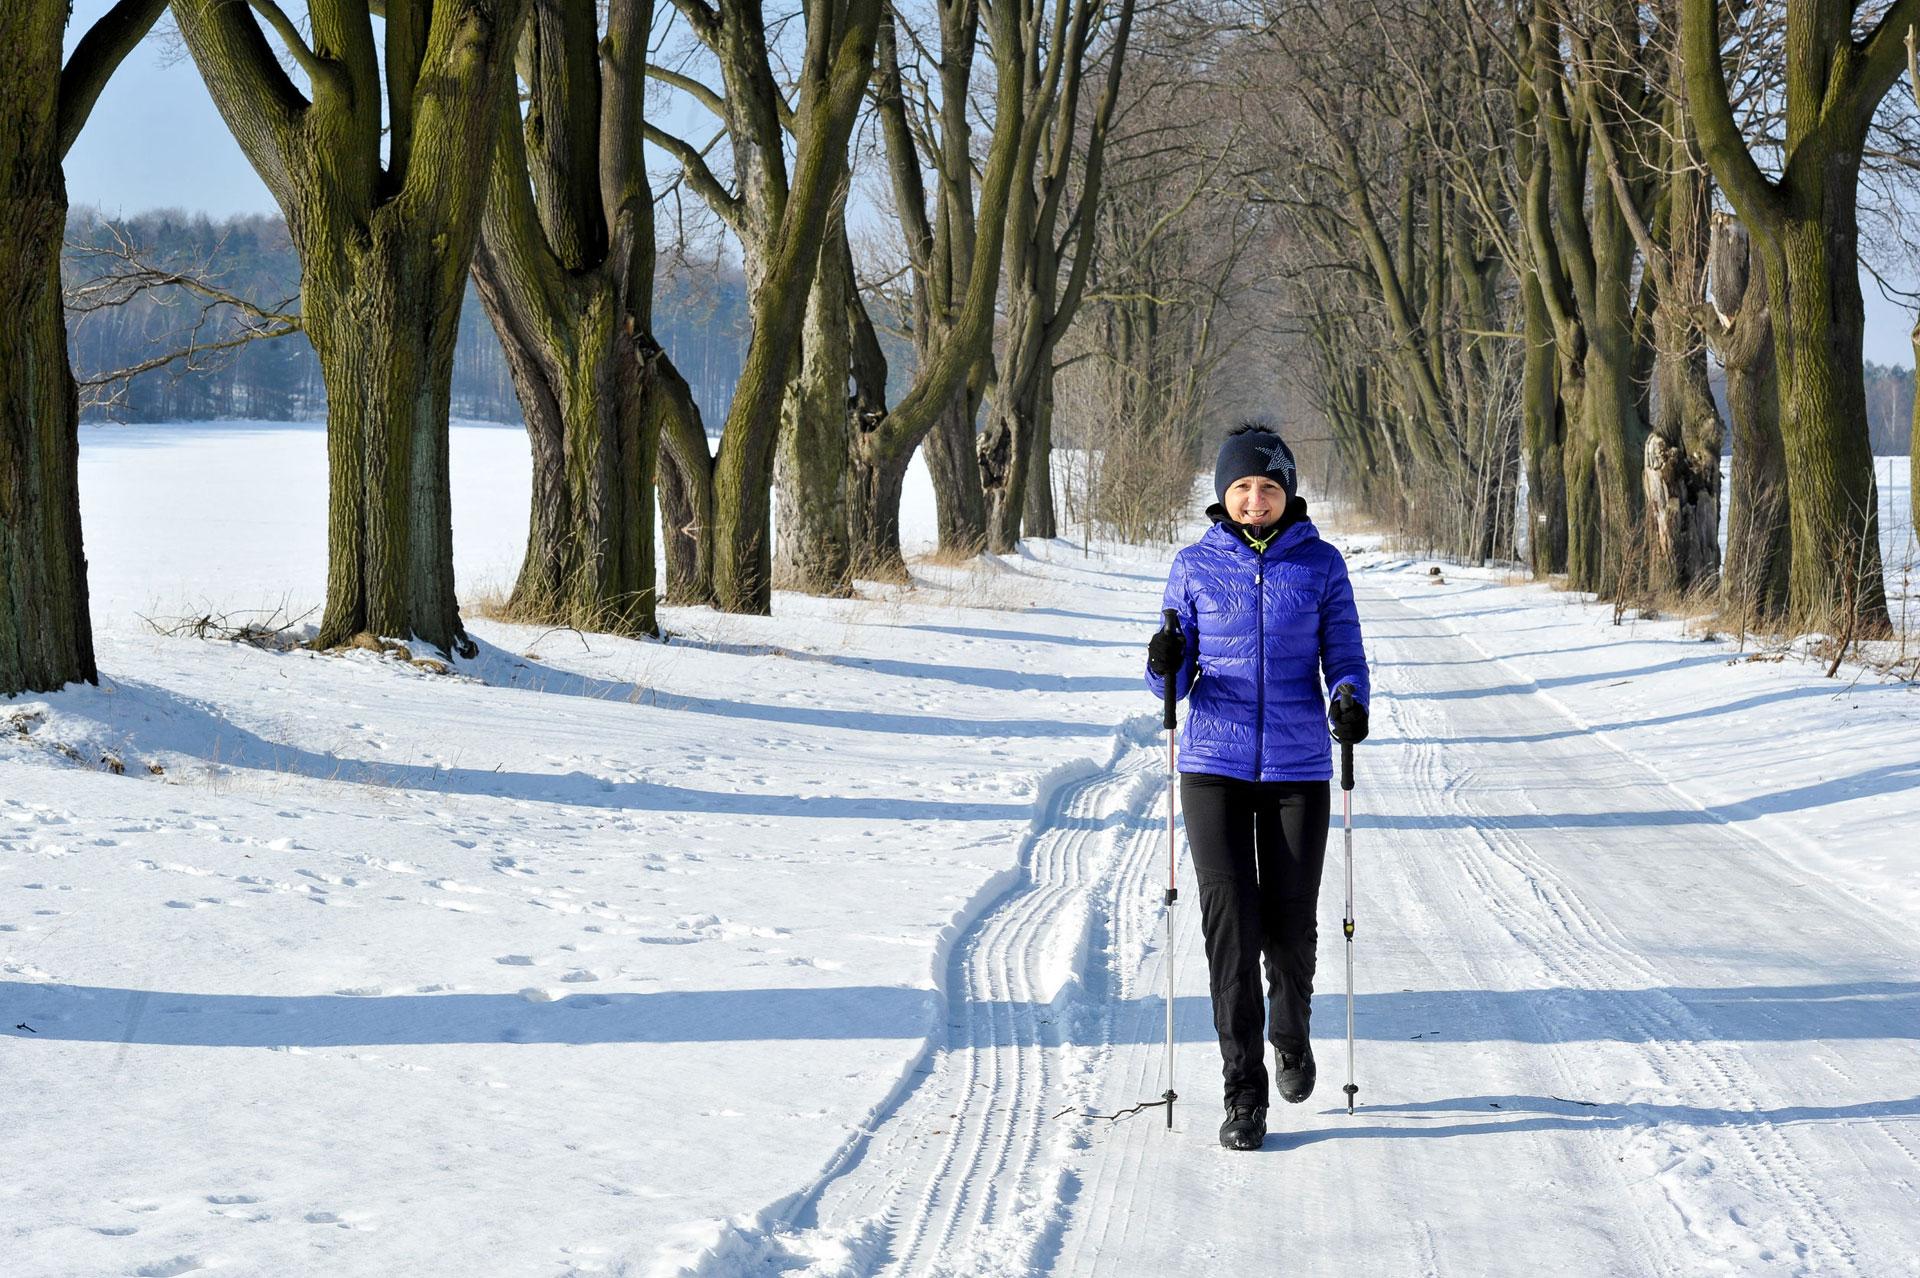 Die Umgebung von Pinnow ist per Pedes zu jeder Jahreszeit schön